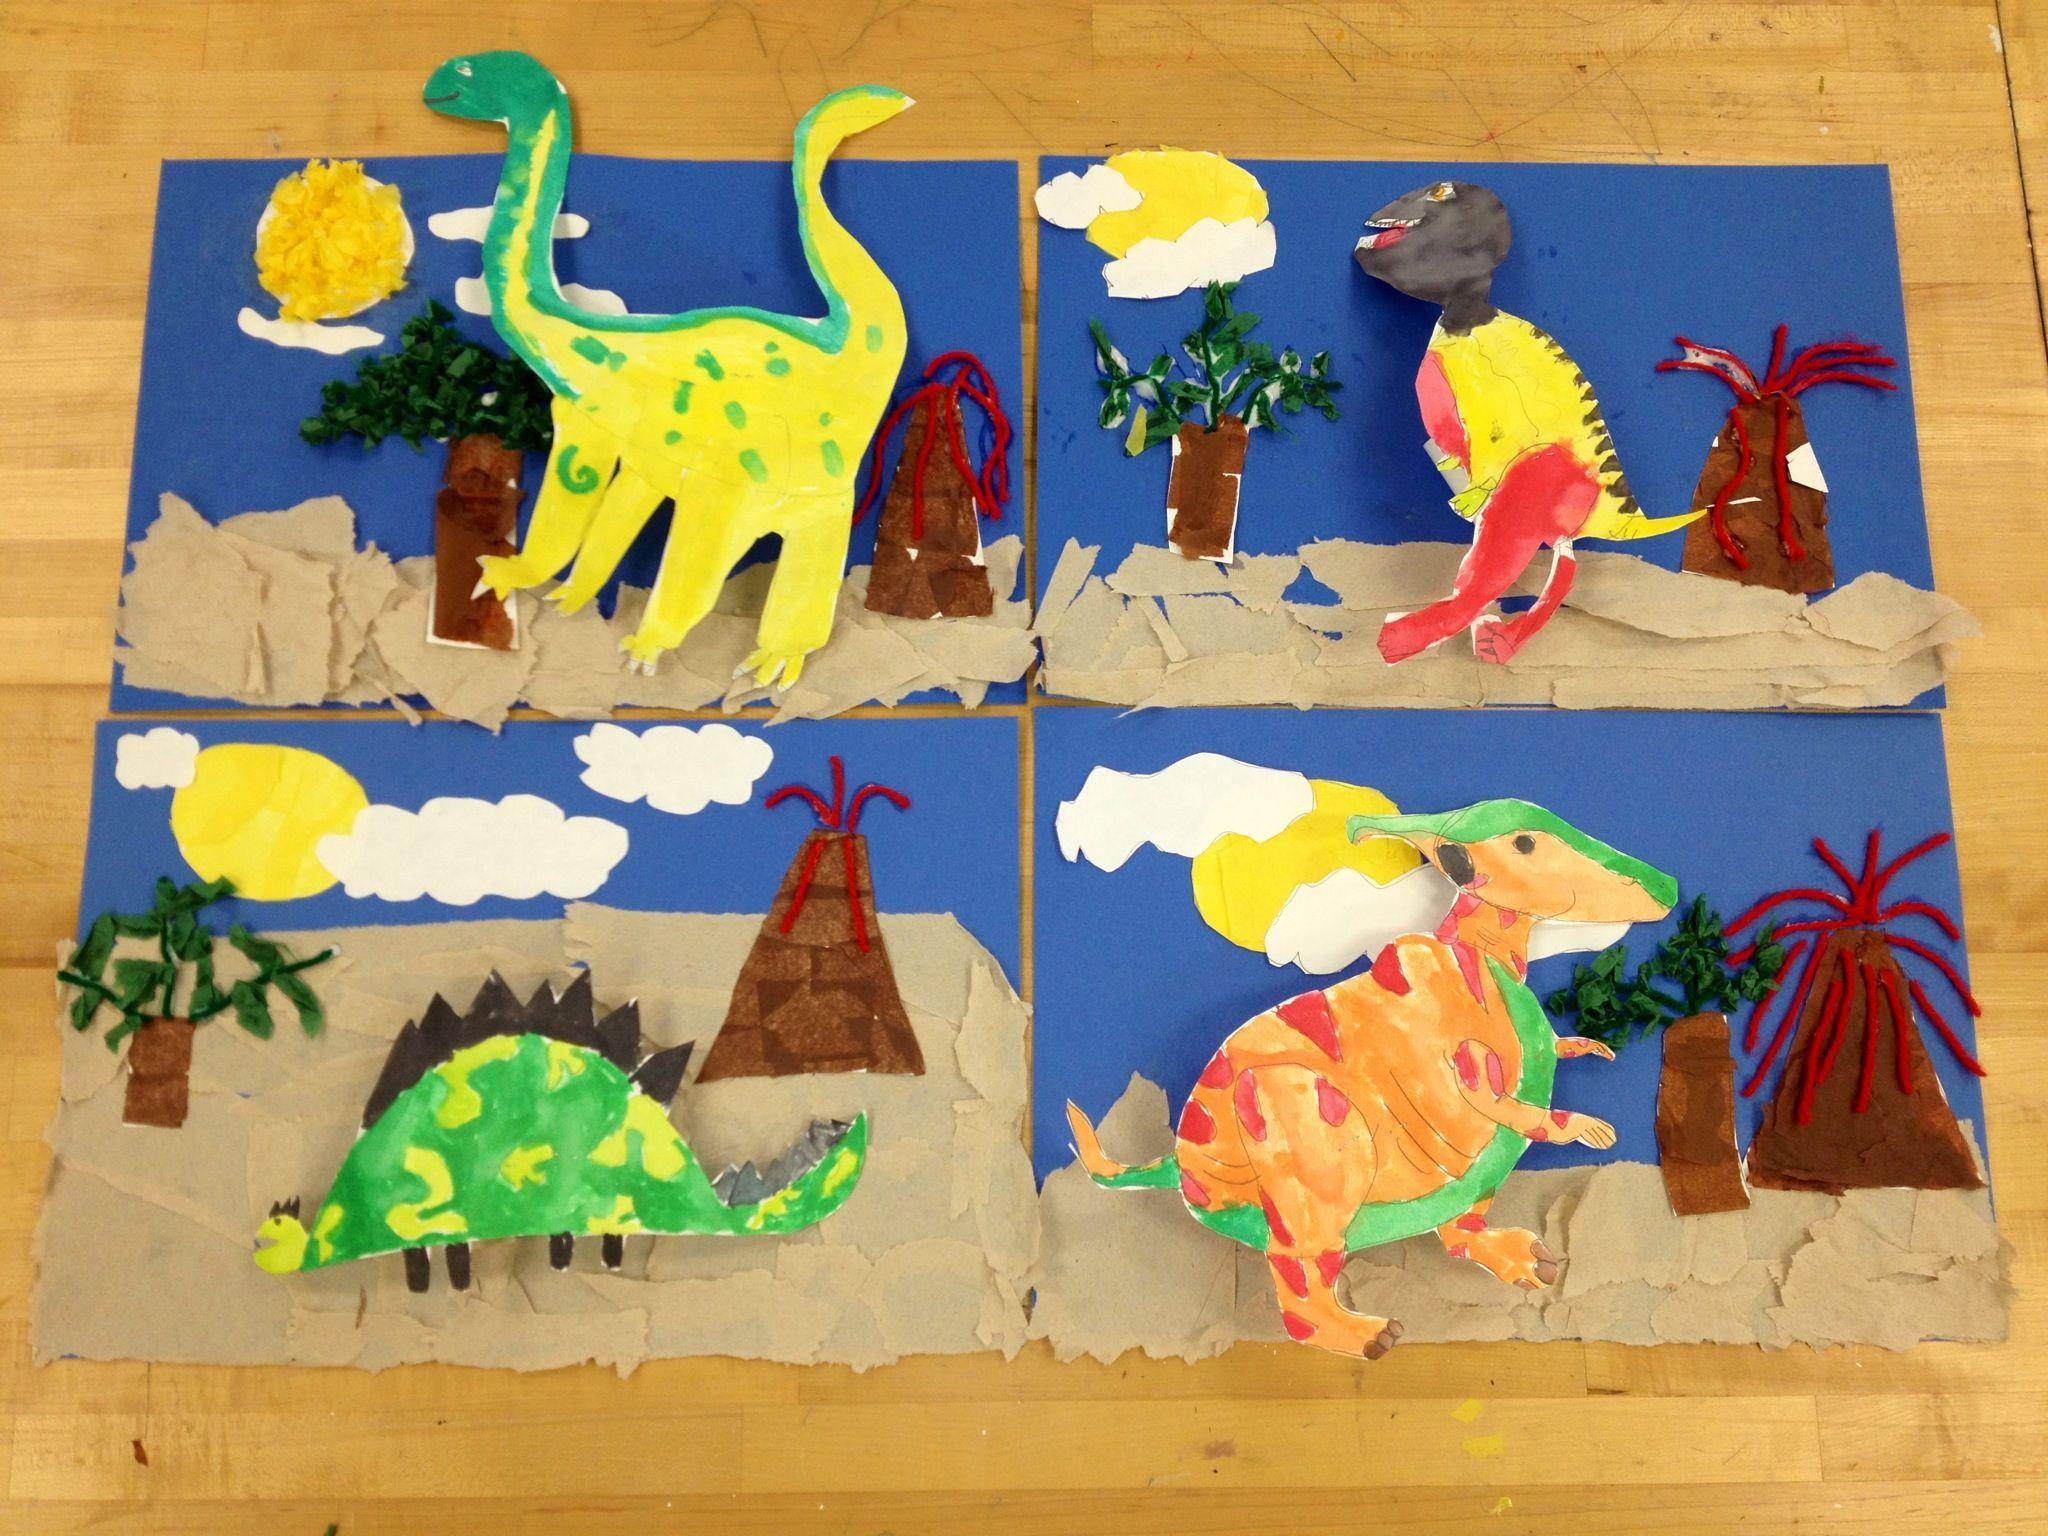 Dinosaur CollageElementary Artart teacher v giannetto 362